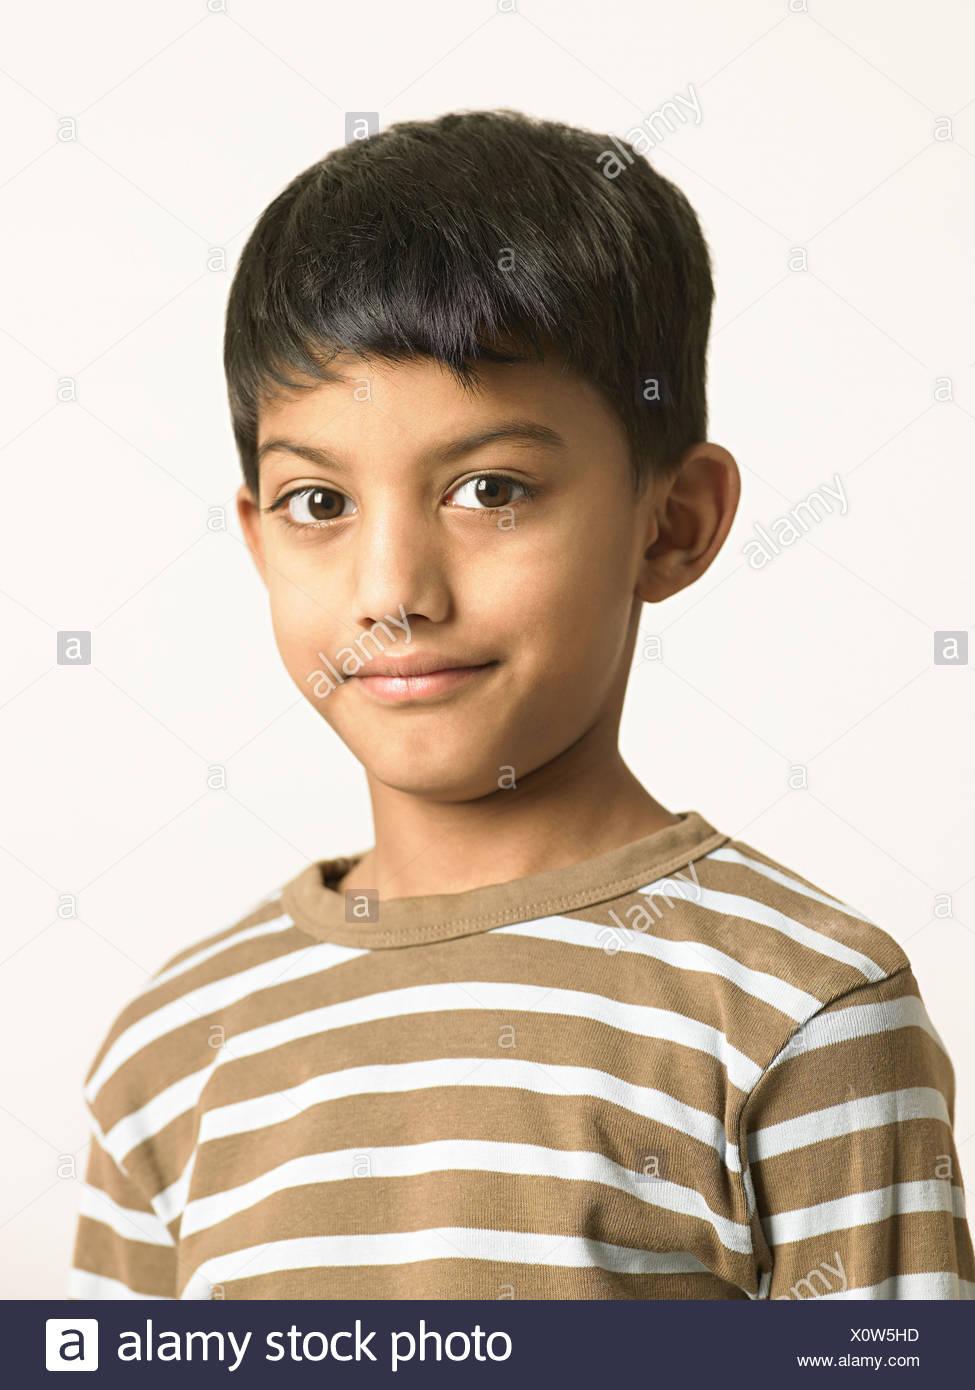 Ritratto di un ragazzo indiano Immagini Stock